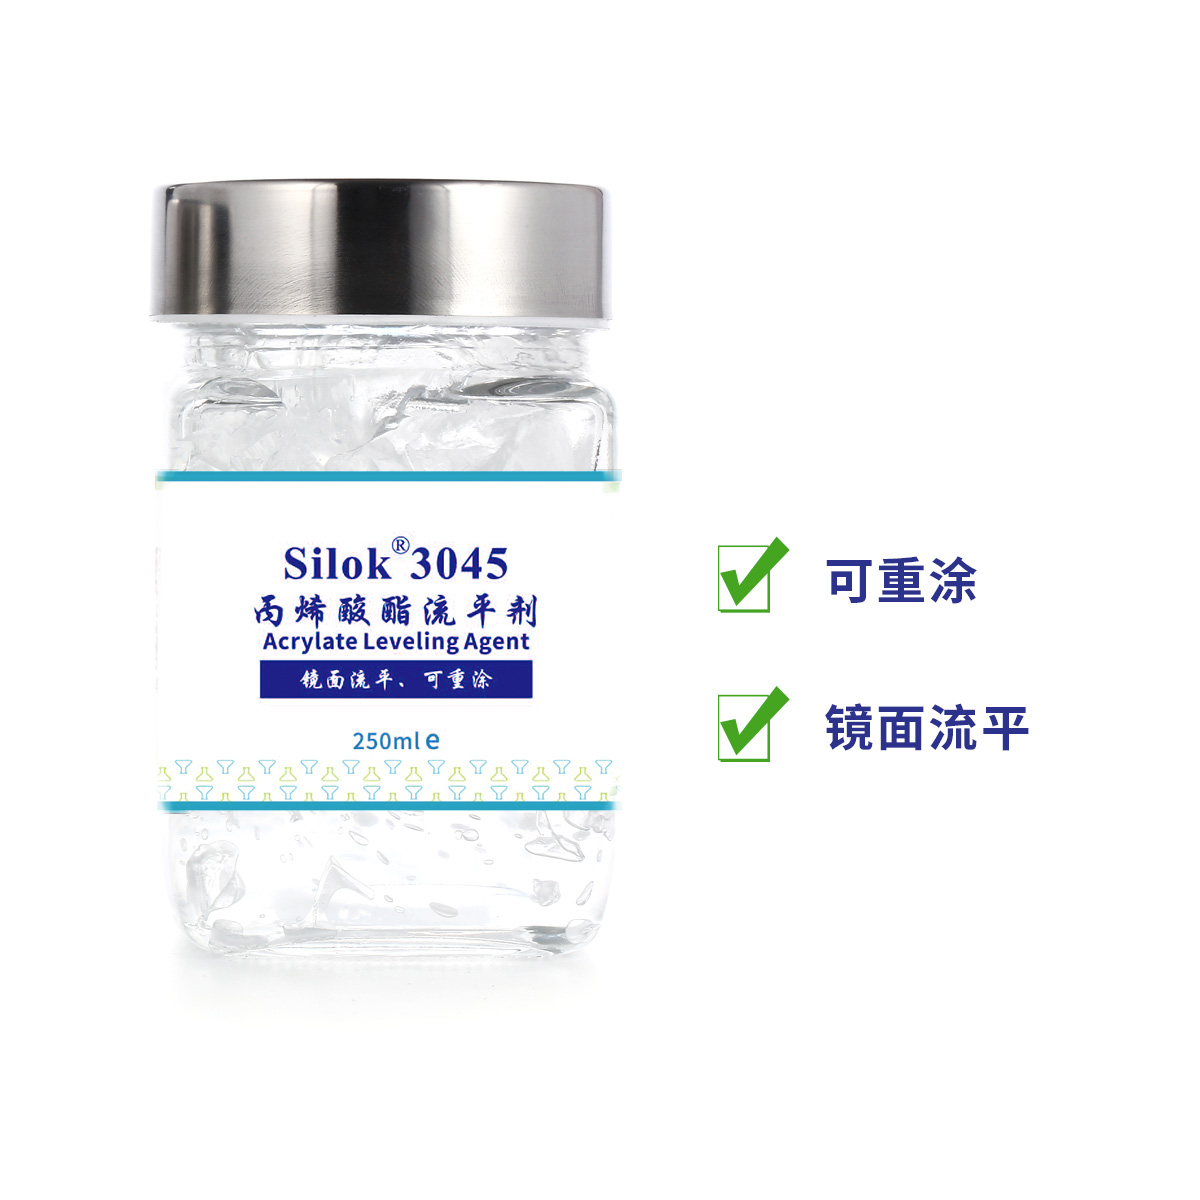 丙烯酸酯流平剂